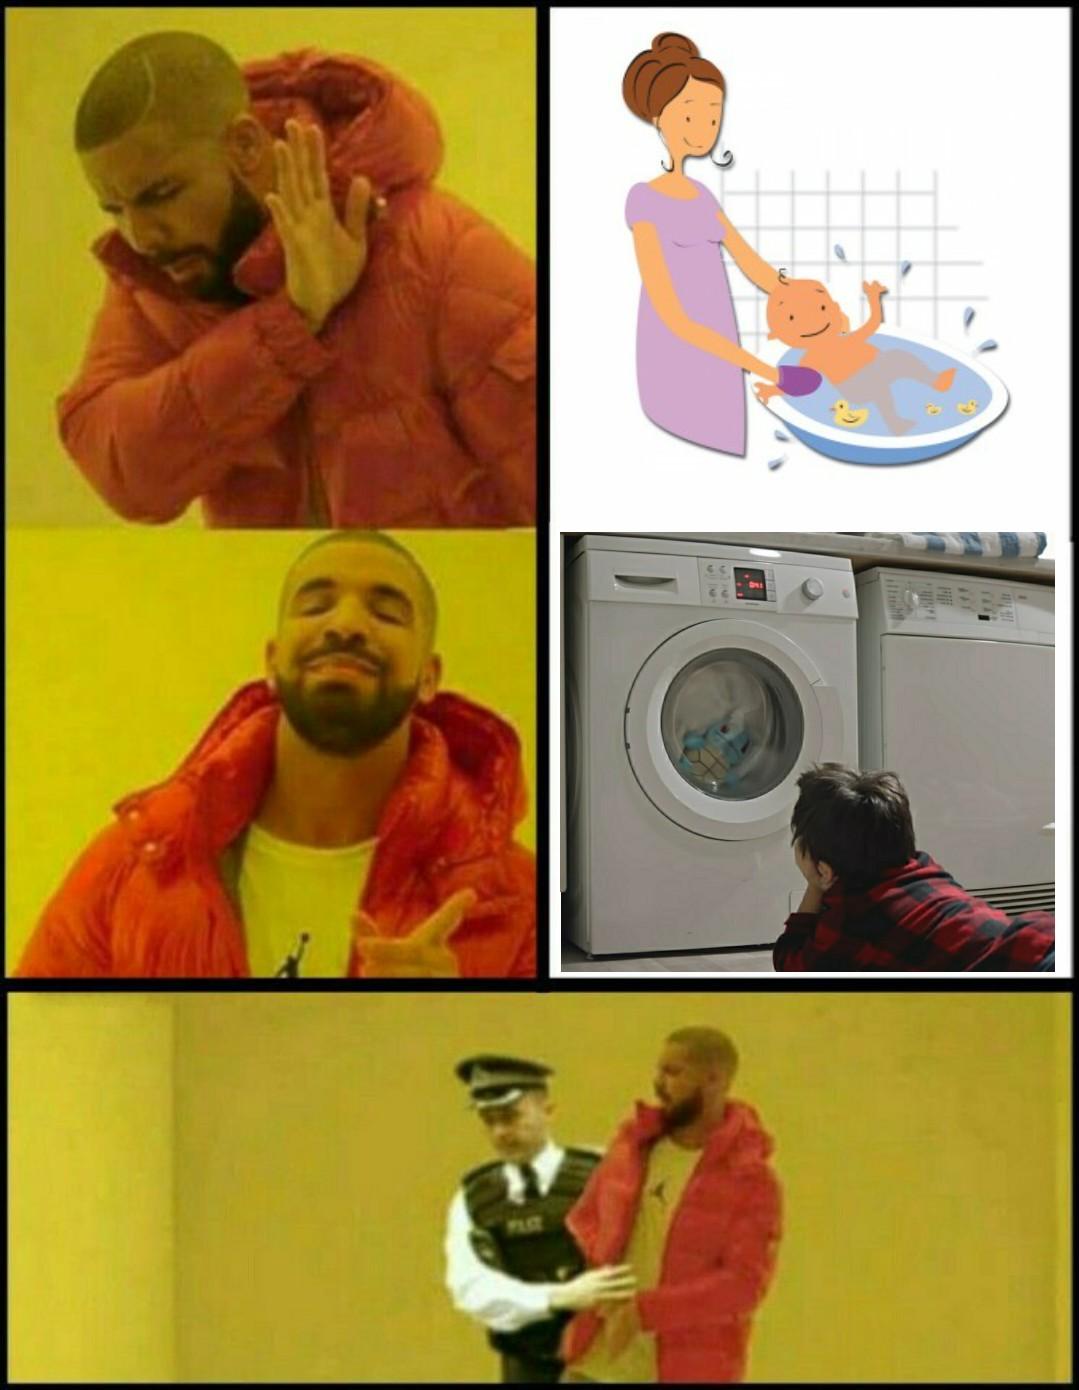 Pas facile de trouver une image avec un gosse dans une machine à laver Bizarre  - meme